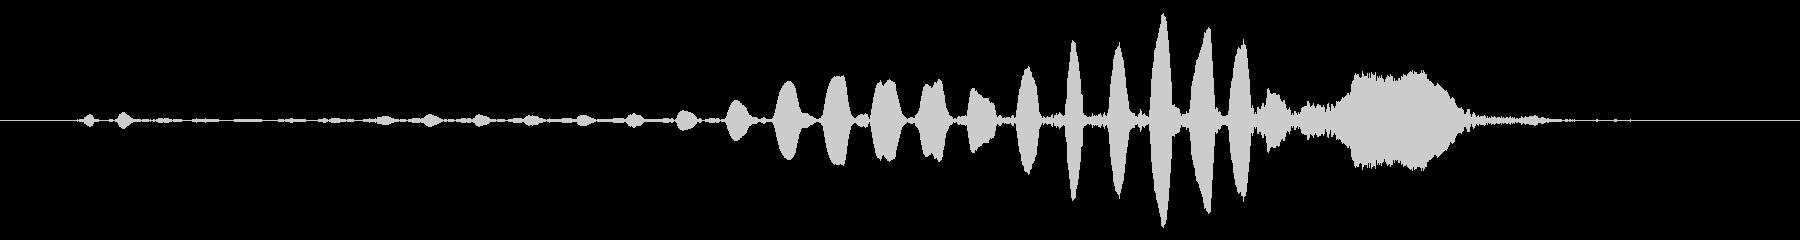 バードホイッスル:シングルハッピーコールの未再生の波形